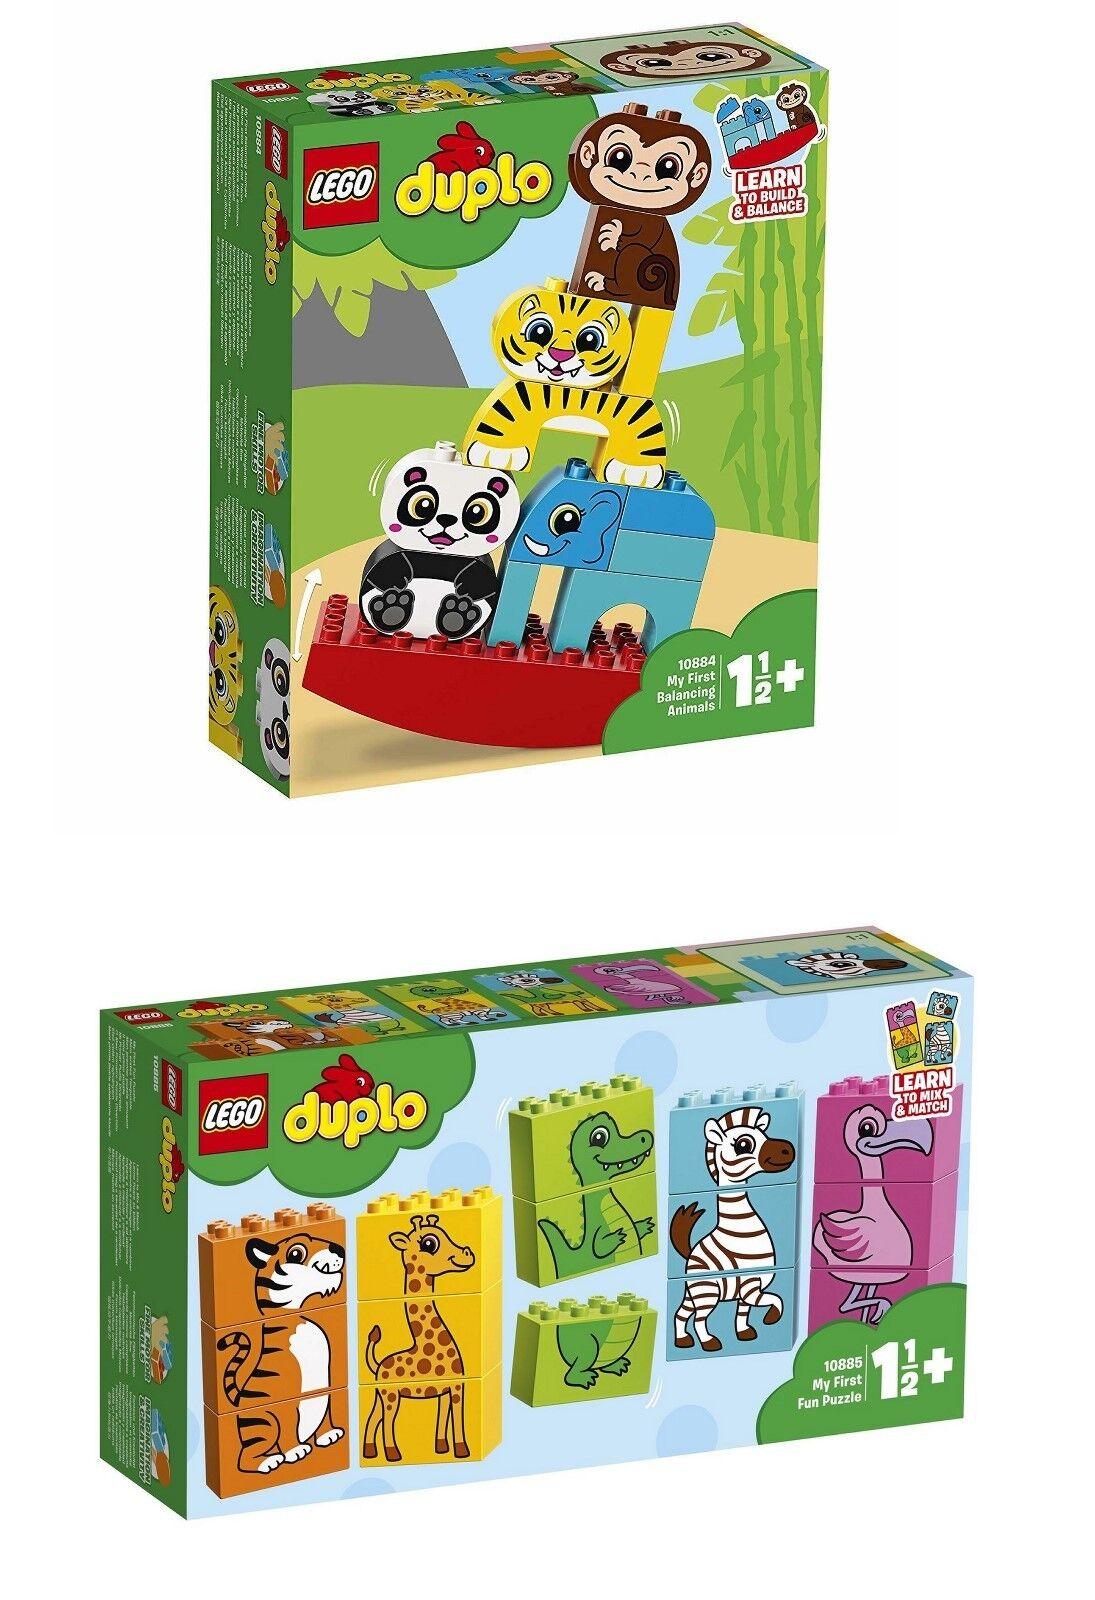 LEGO ® DUPLO ® - 10884 et 10885 DUPLO ® 2-er Set NOUVEAU & NEUF dans sa boîte